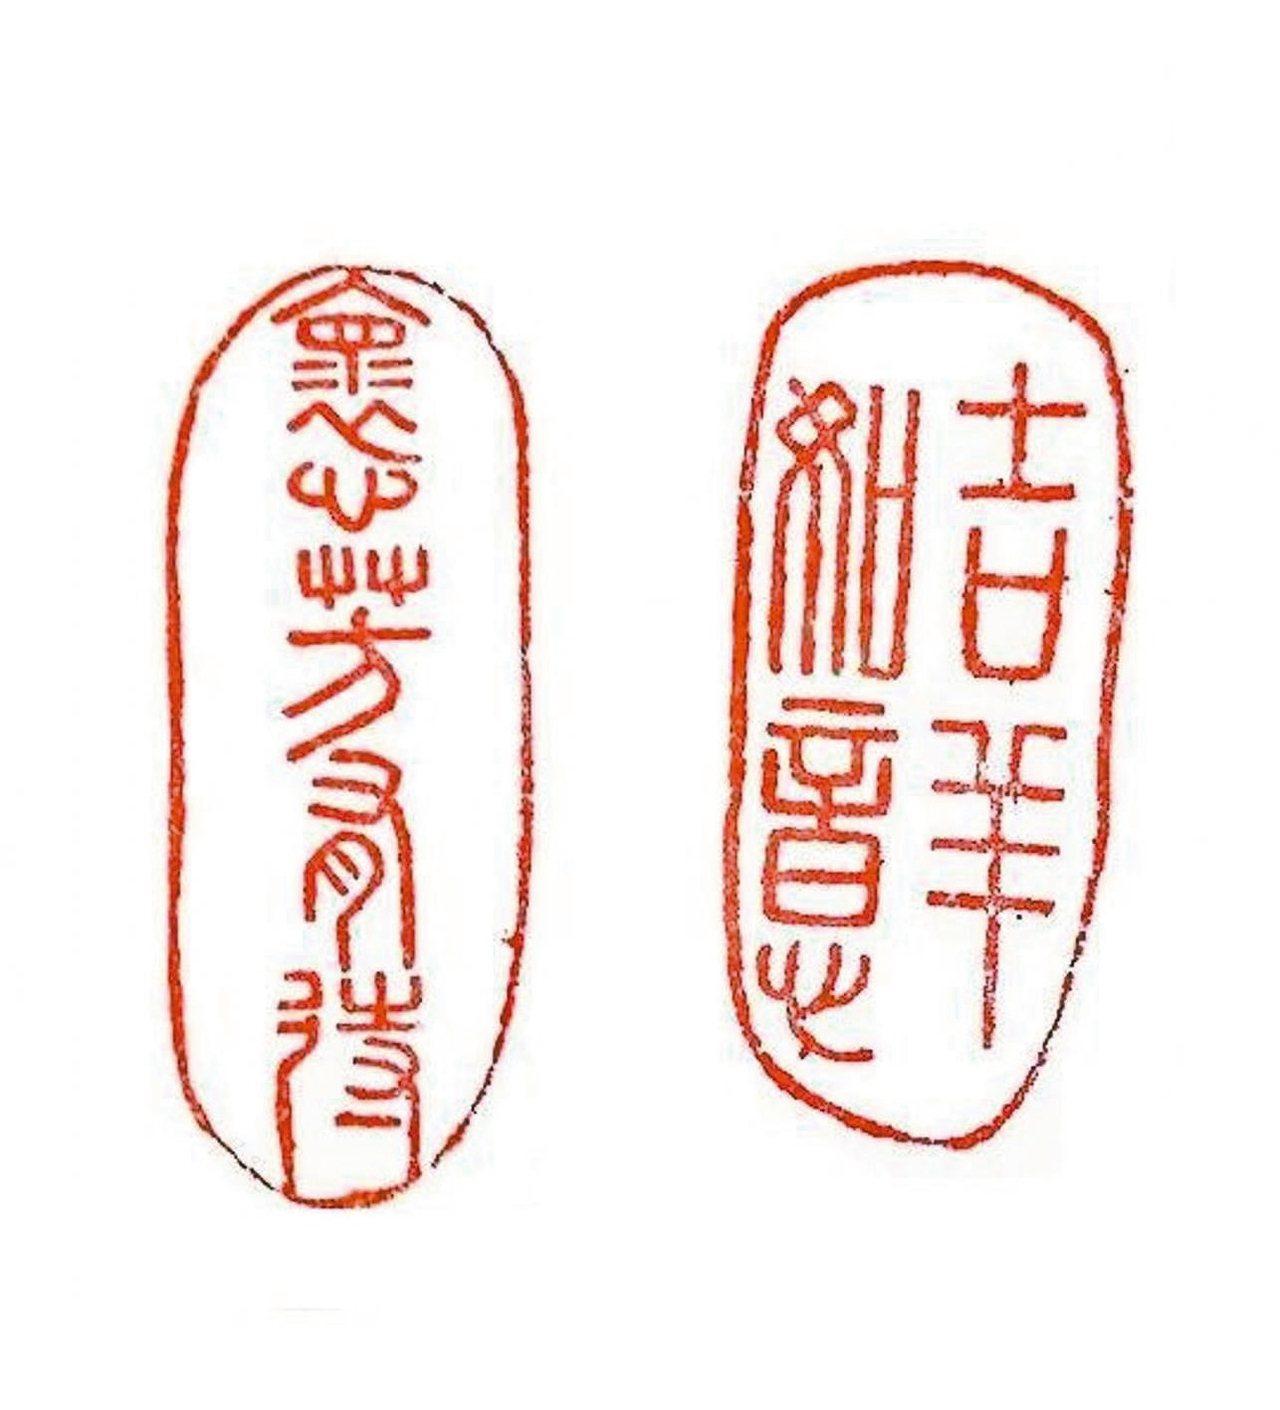 柳叔為19屆林英津所刻藏書章「會心方有得」及閒章「吉祥如意」。 沈志方 圖片提供